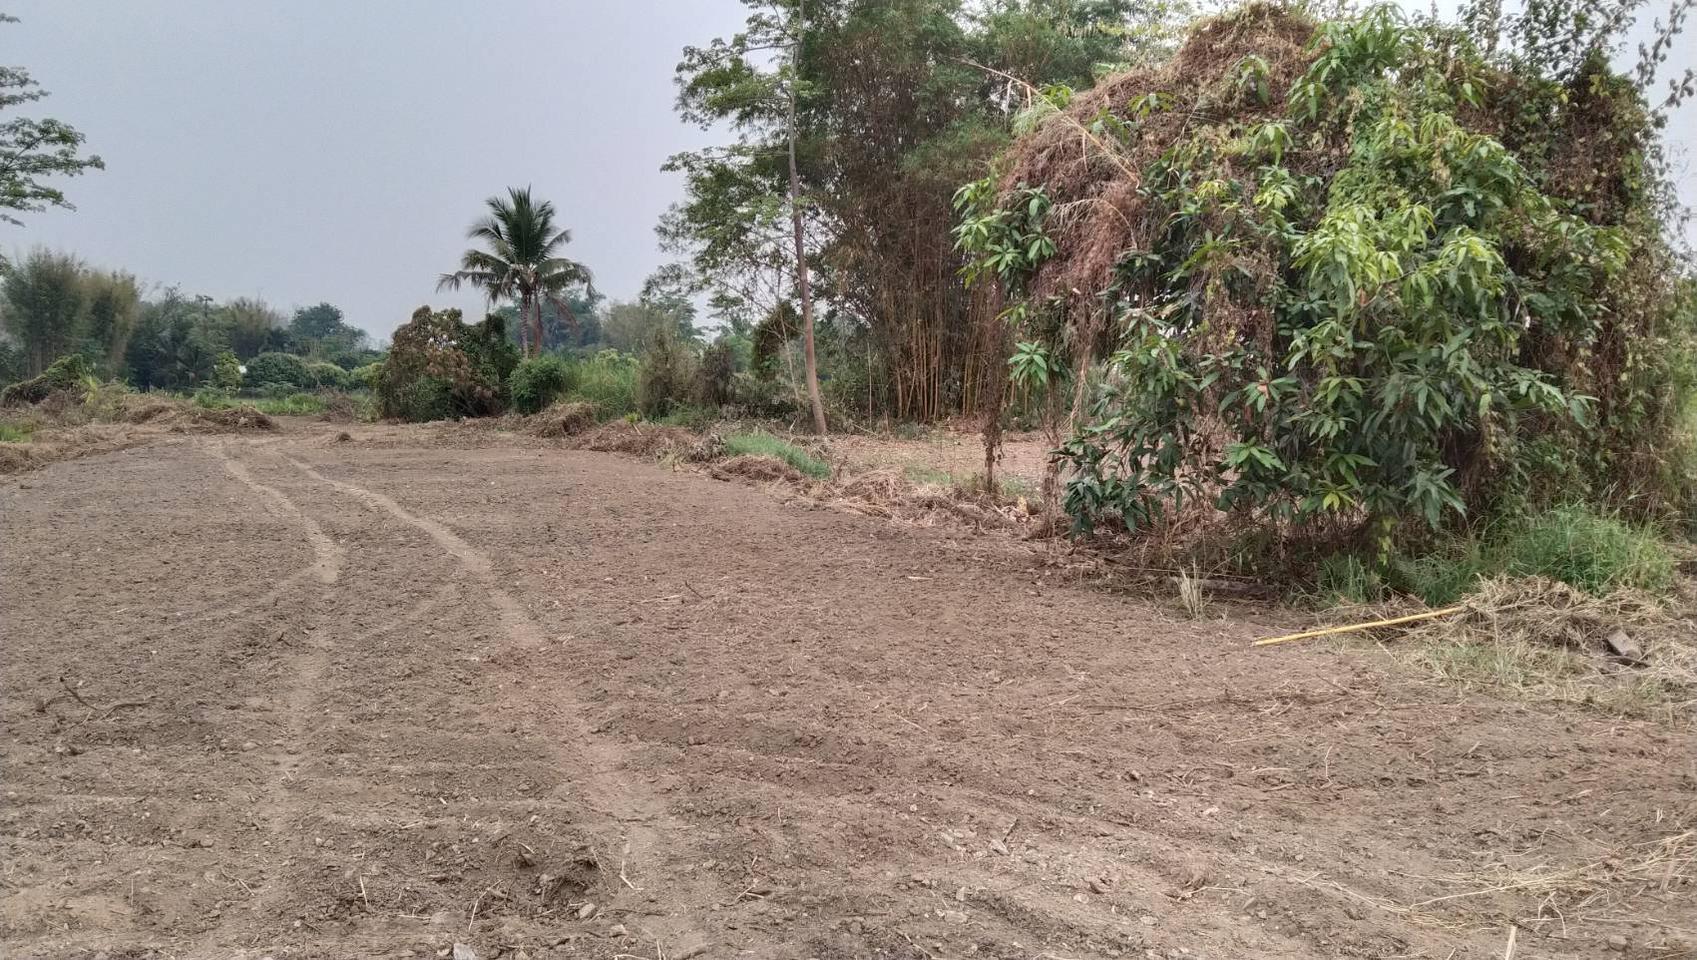 ขายที่ดิน สำหรับที่อยู่อาศัย และทำการเกษตร รูปที่ 3